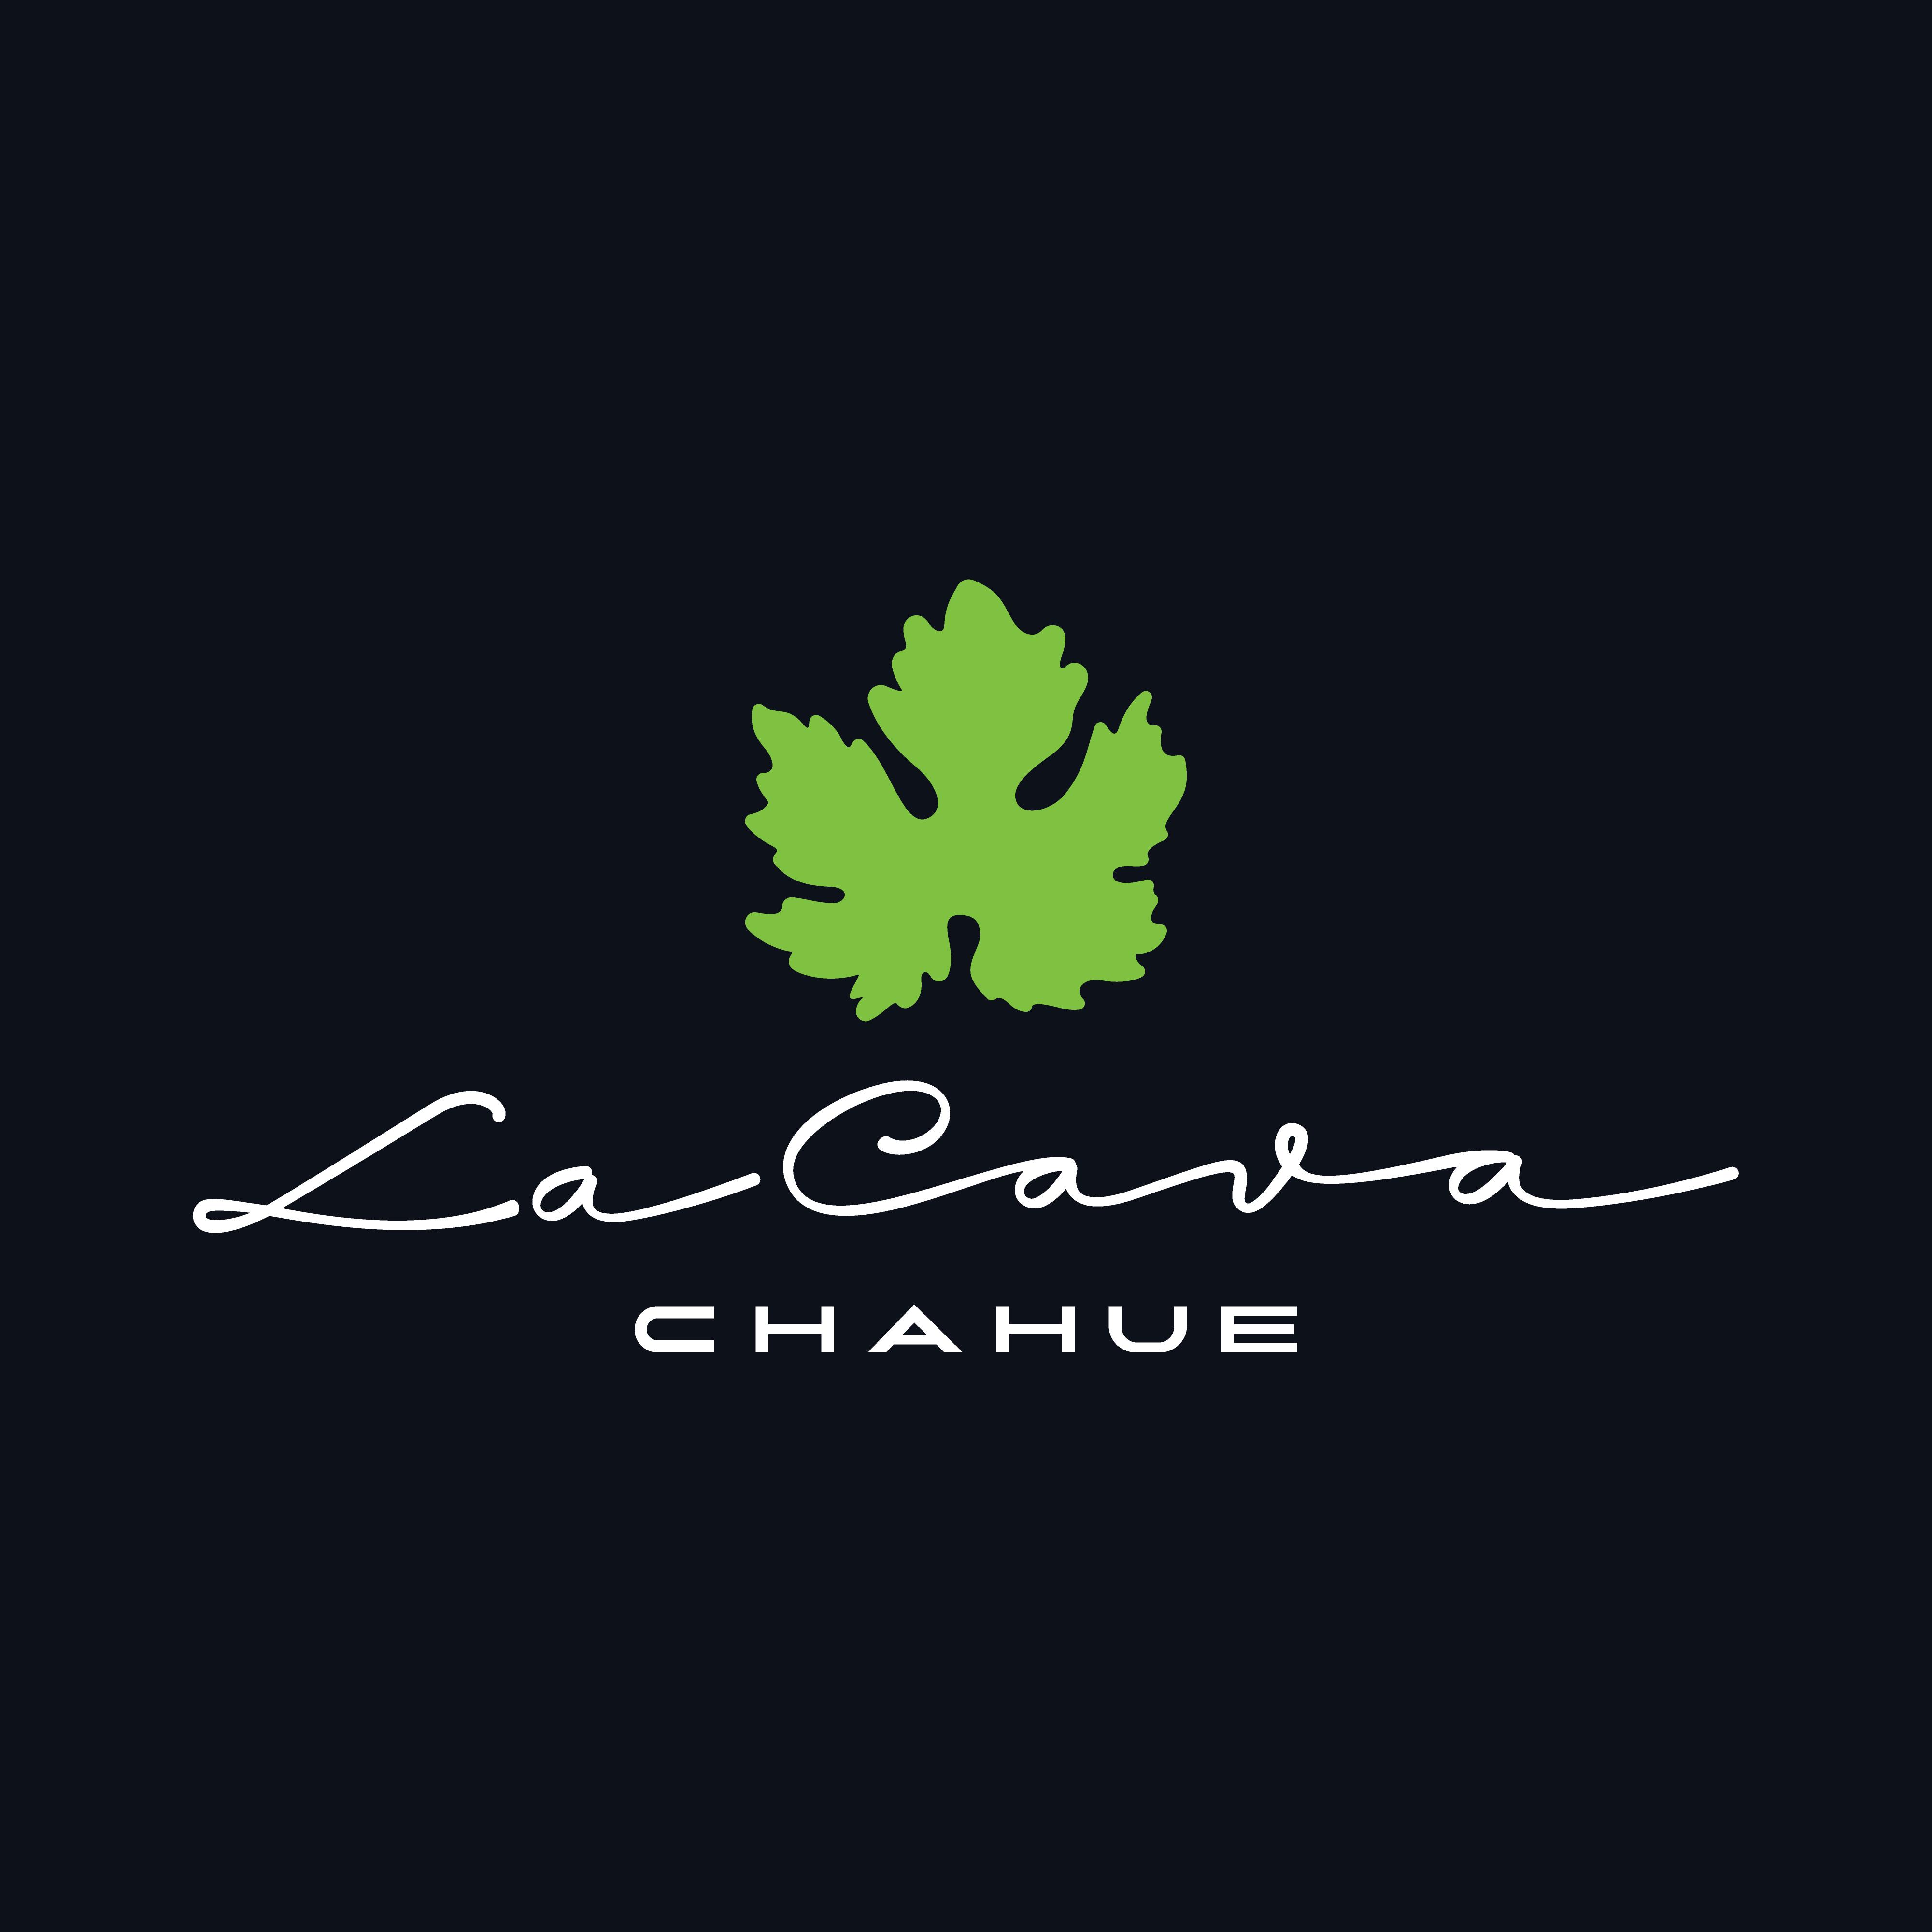 Cava Chahue S. de R.L. de C.V.